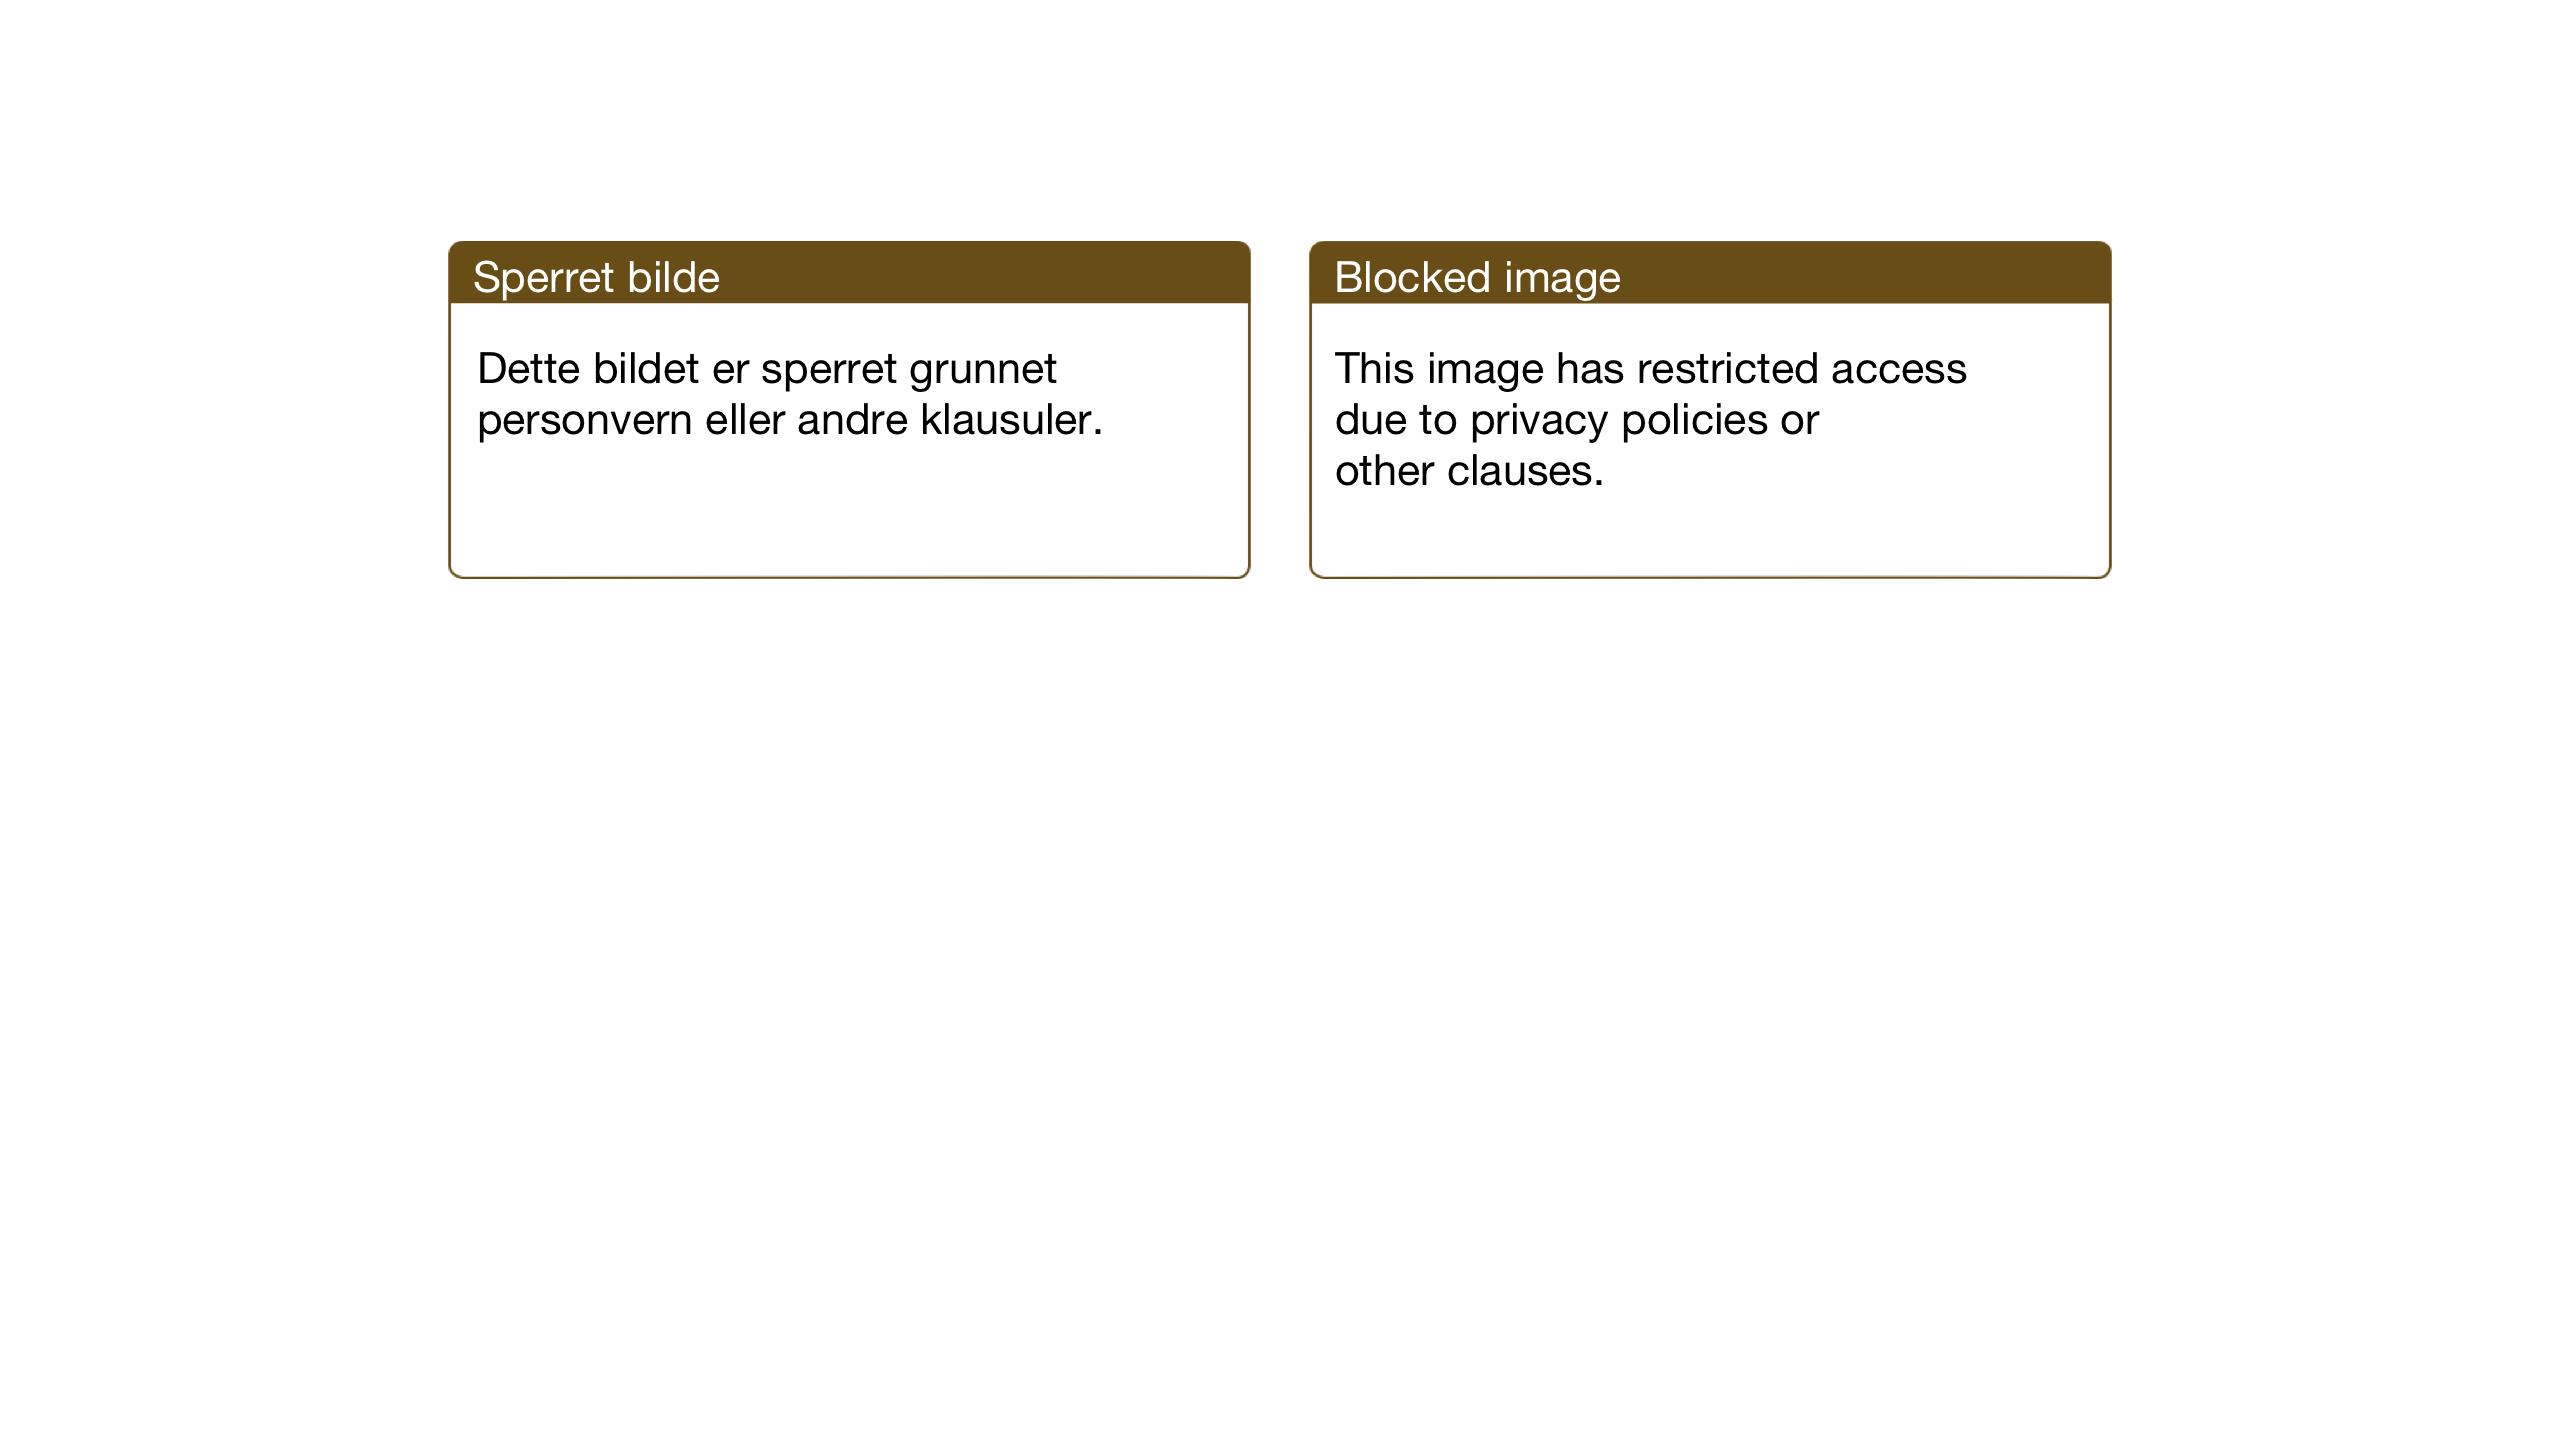 SAT, Ministerialprotokoller, klokkerbøker og fødselsregistre - Sør-Trøndelag, 637/L0564: Klokkerbok nr. 637C05, 1928-1968, s. 24